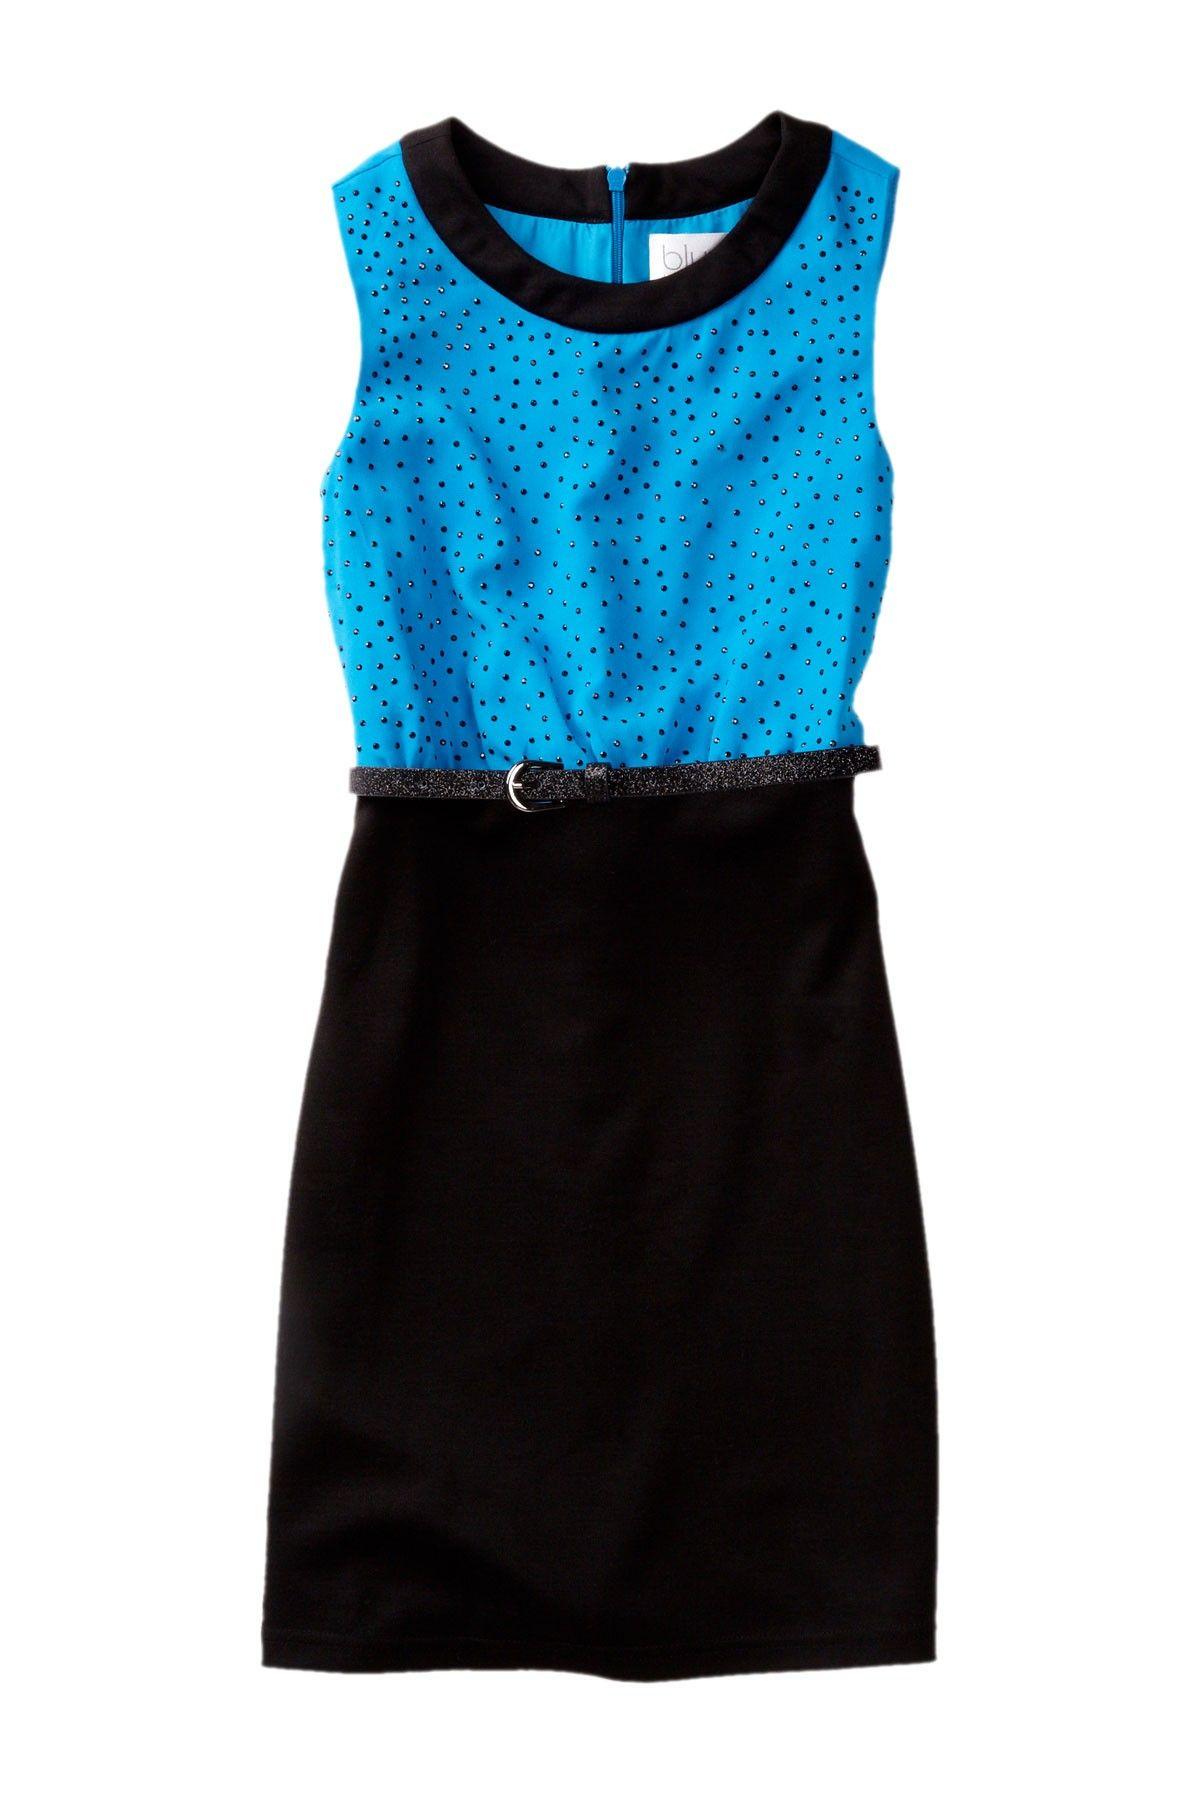 Ponte Jeweled Chiffon Dress (Big Girls)  Dress #Zipclosure #BeltKids